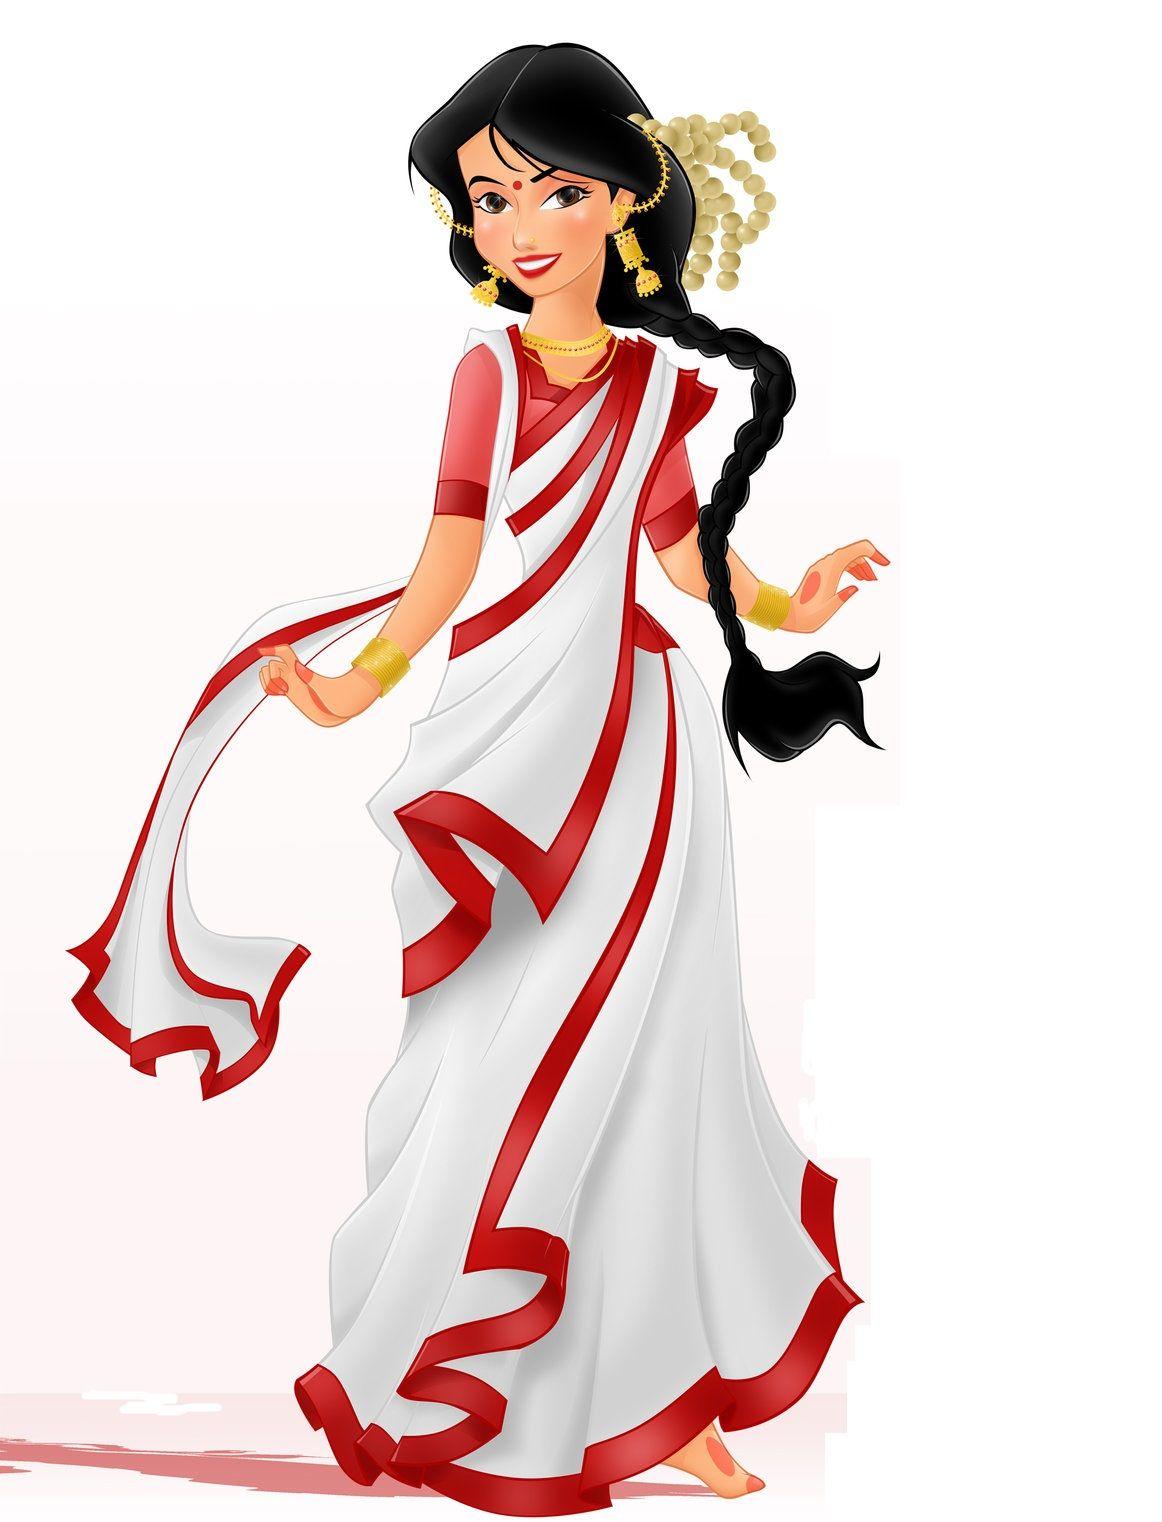 chinchinchu dedricass paro� love the bengali look